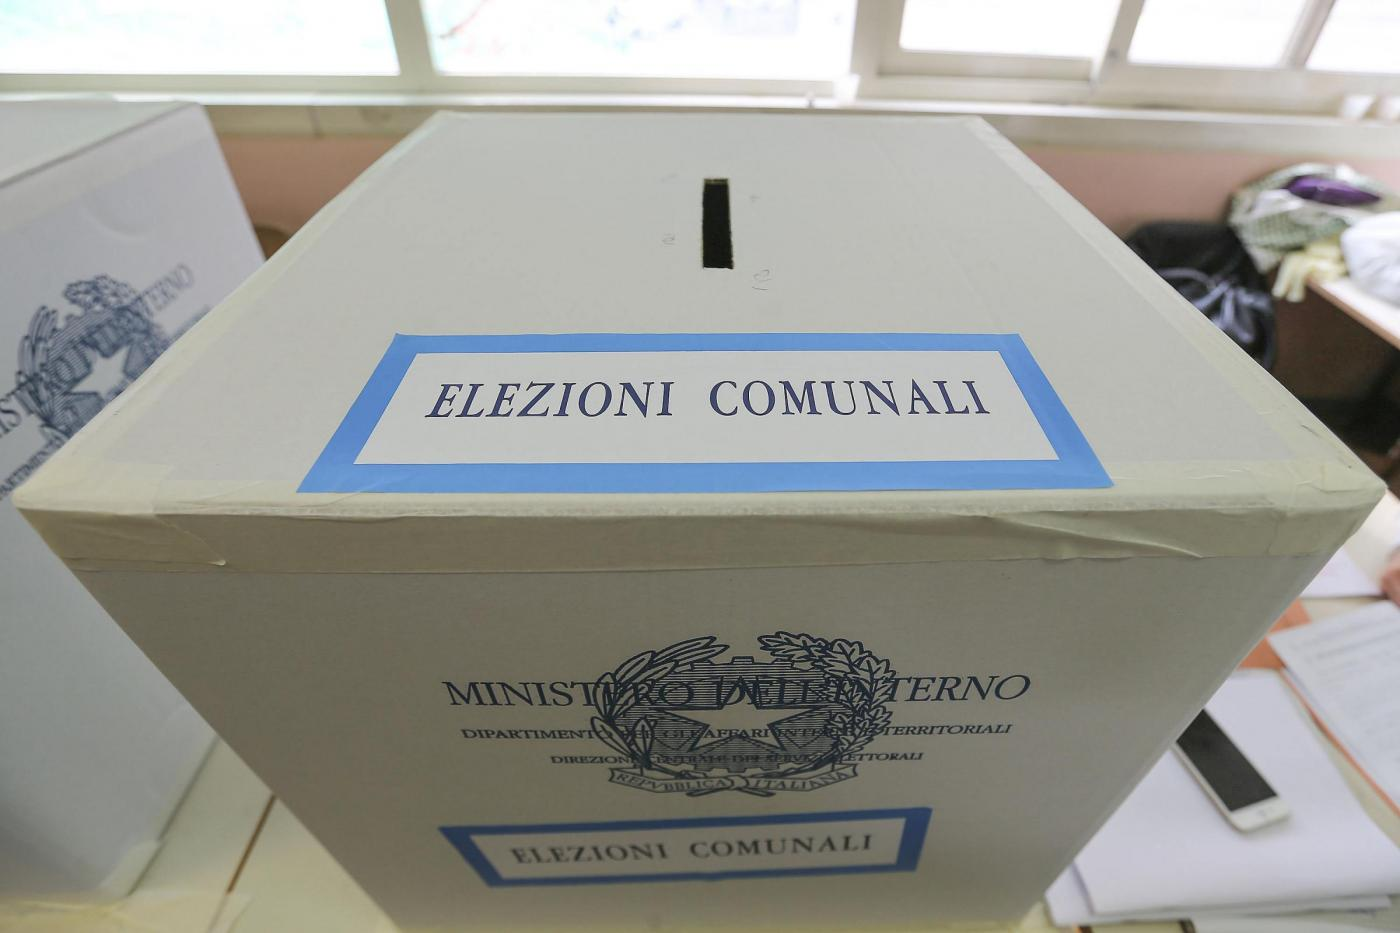 Elezioni Comunali a Palermo 2017